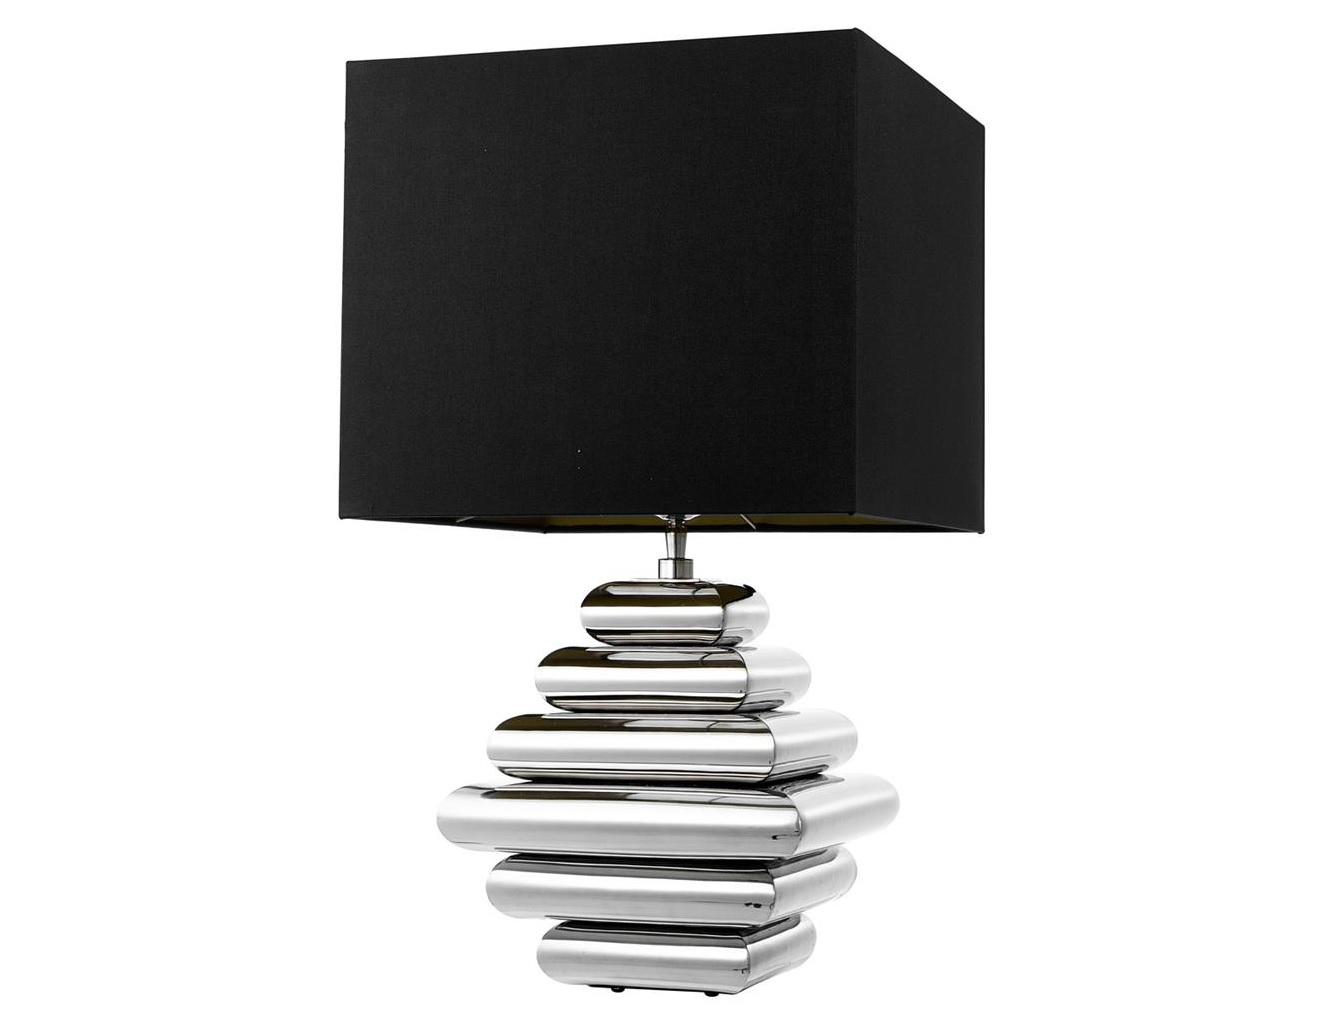 Настольная лампа Table Lamp BelmondДекоративные лампы<br>&amp;lt;div&amp;gt;Вид цоколя: E27&amp;lt;br&amp;gt;&amp;lt;/div&amp;gt;&amp;lt;div&amp;gt;&amp;lt;div&amp;gt;Мощность: 40W&amp;lt;/div&amp;gt;&amp;lt;div&amp;gt;Количество ламп: 1 (нет в комплекте)&amp;lt;/div&amp;gt;&amp;lt;/div&amp;gt;<br><br>Material: Металл<br>Ширина см: 35<br>Высота см: 62<br>Глубина см: 35